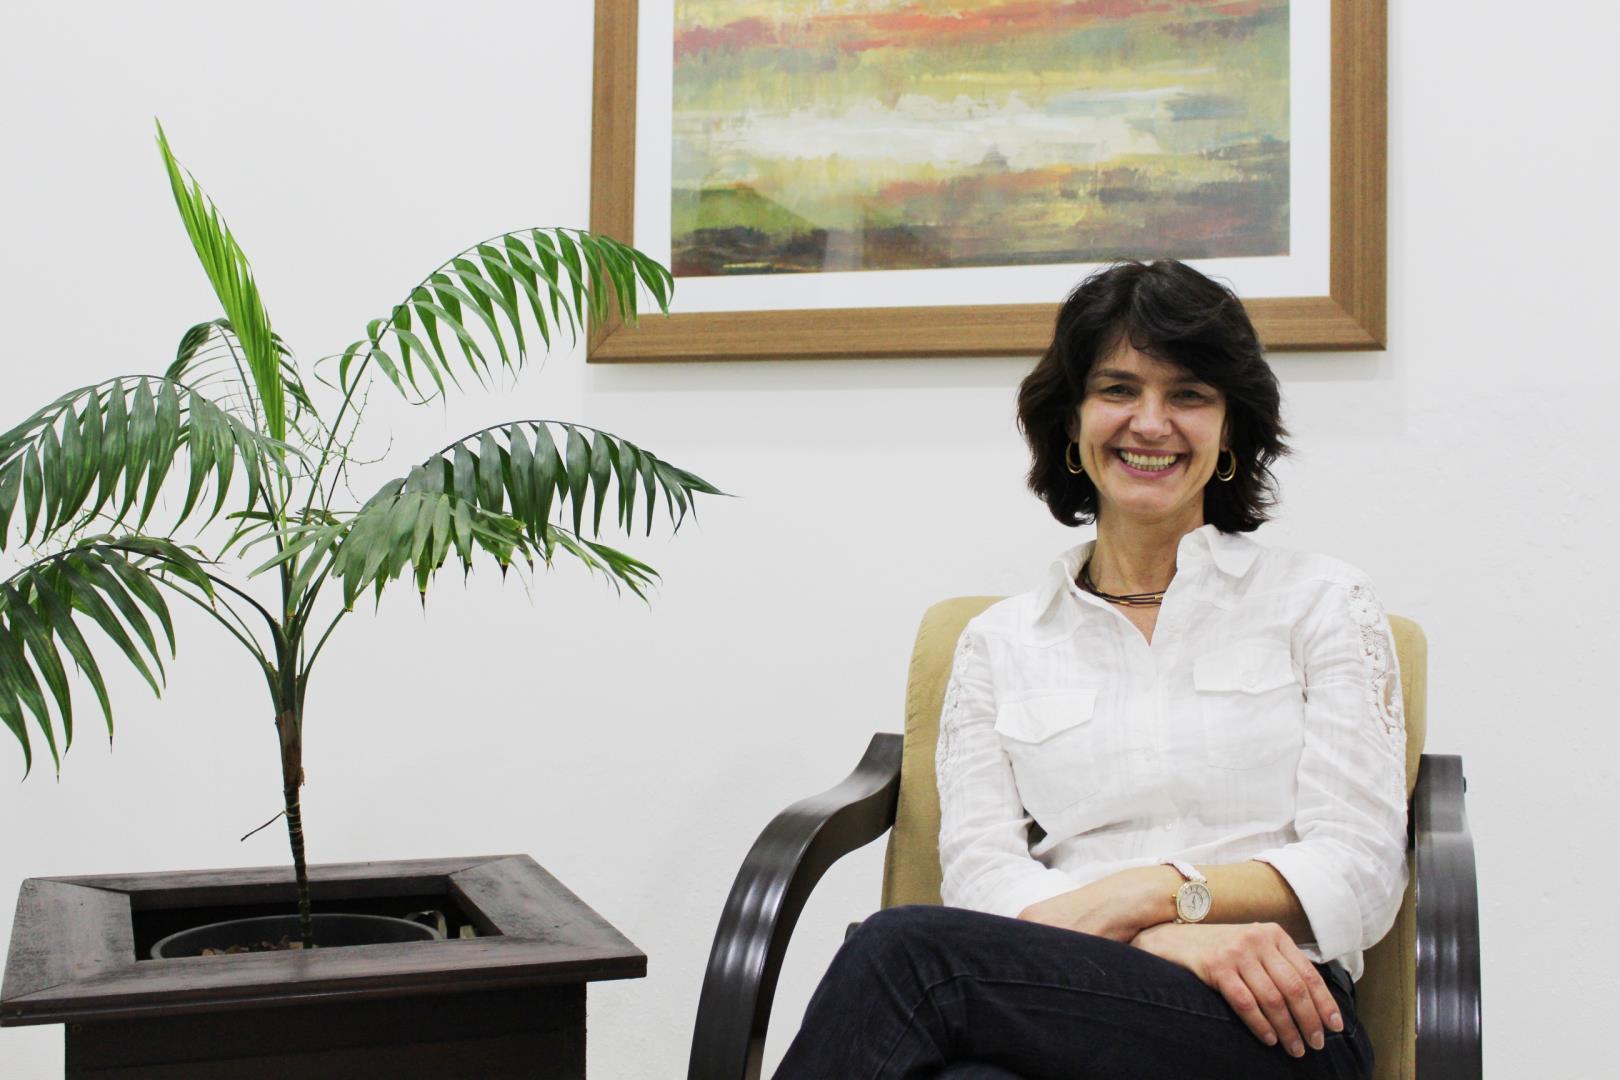 Pós-doutora em Neurociência ministra aulas na Pós-graduação em Educação Bilíngue e Cognição